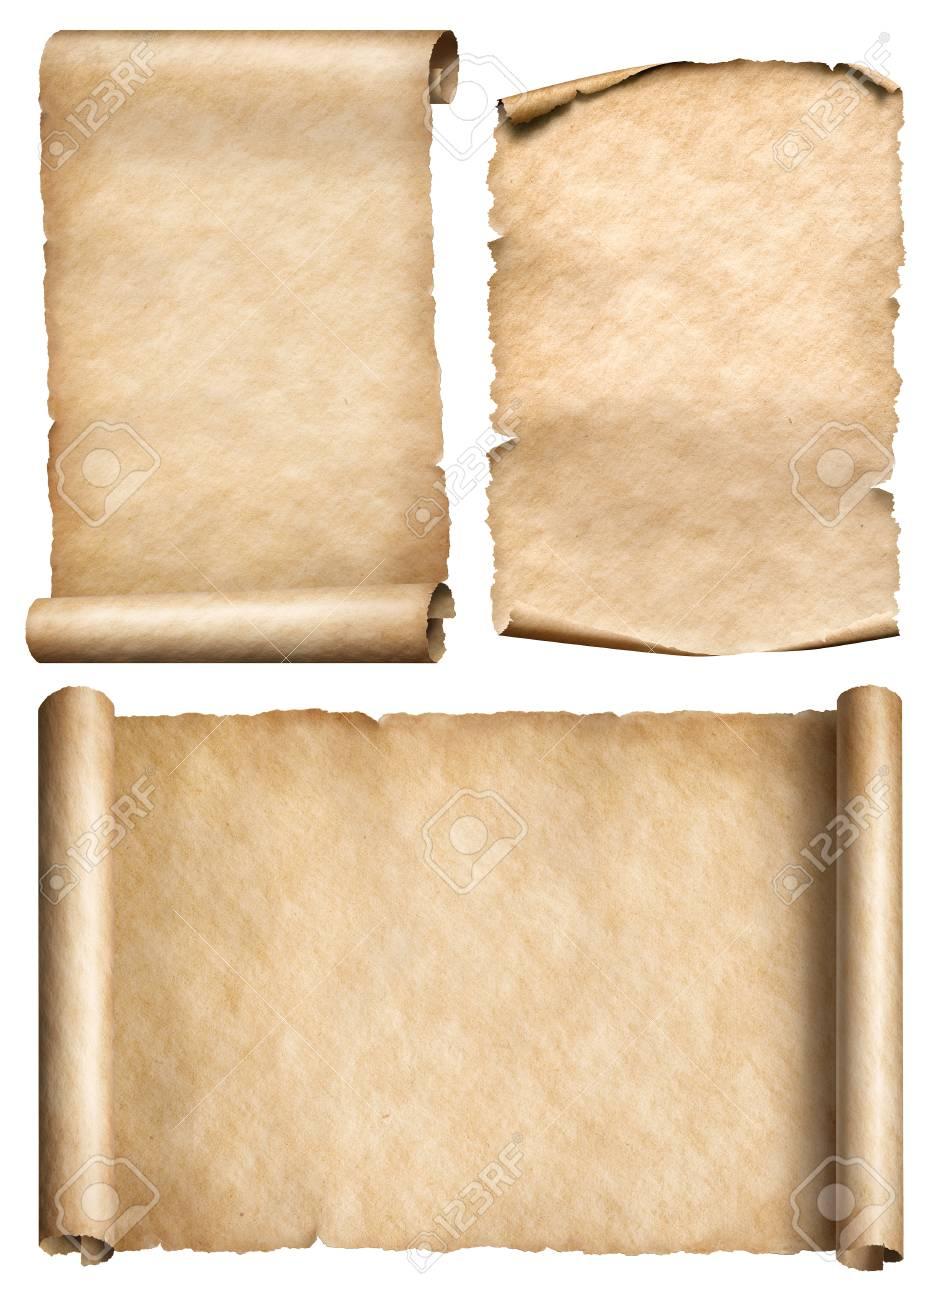 古い紙の巻物や羊皮紙の現実的な 3 D イラストを設定 の写真素材画像